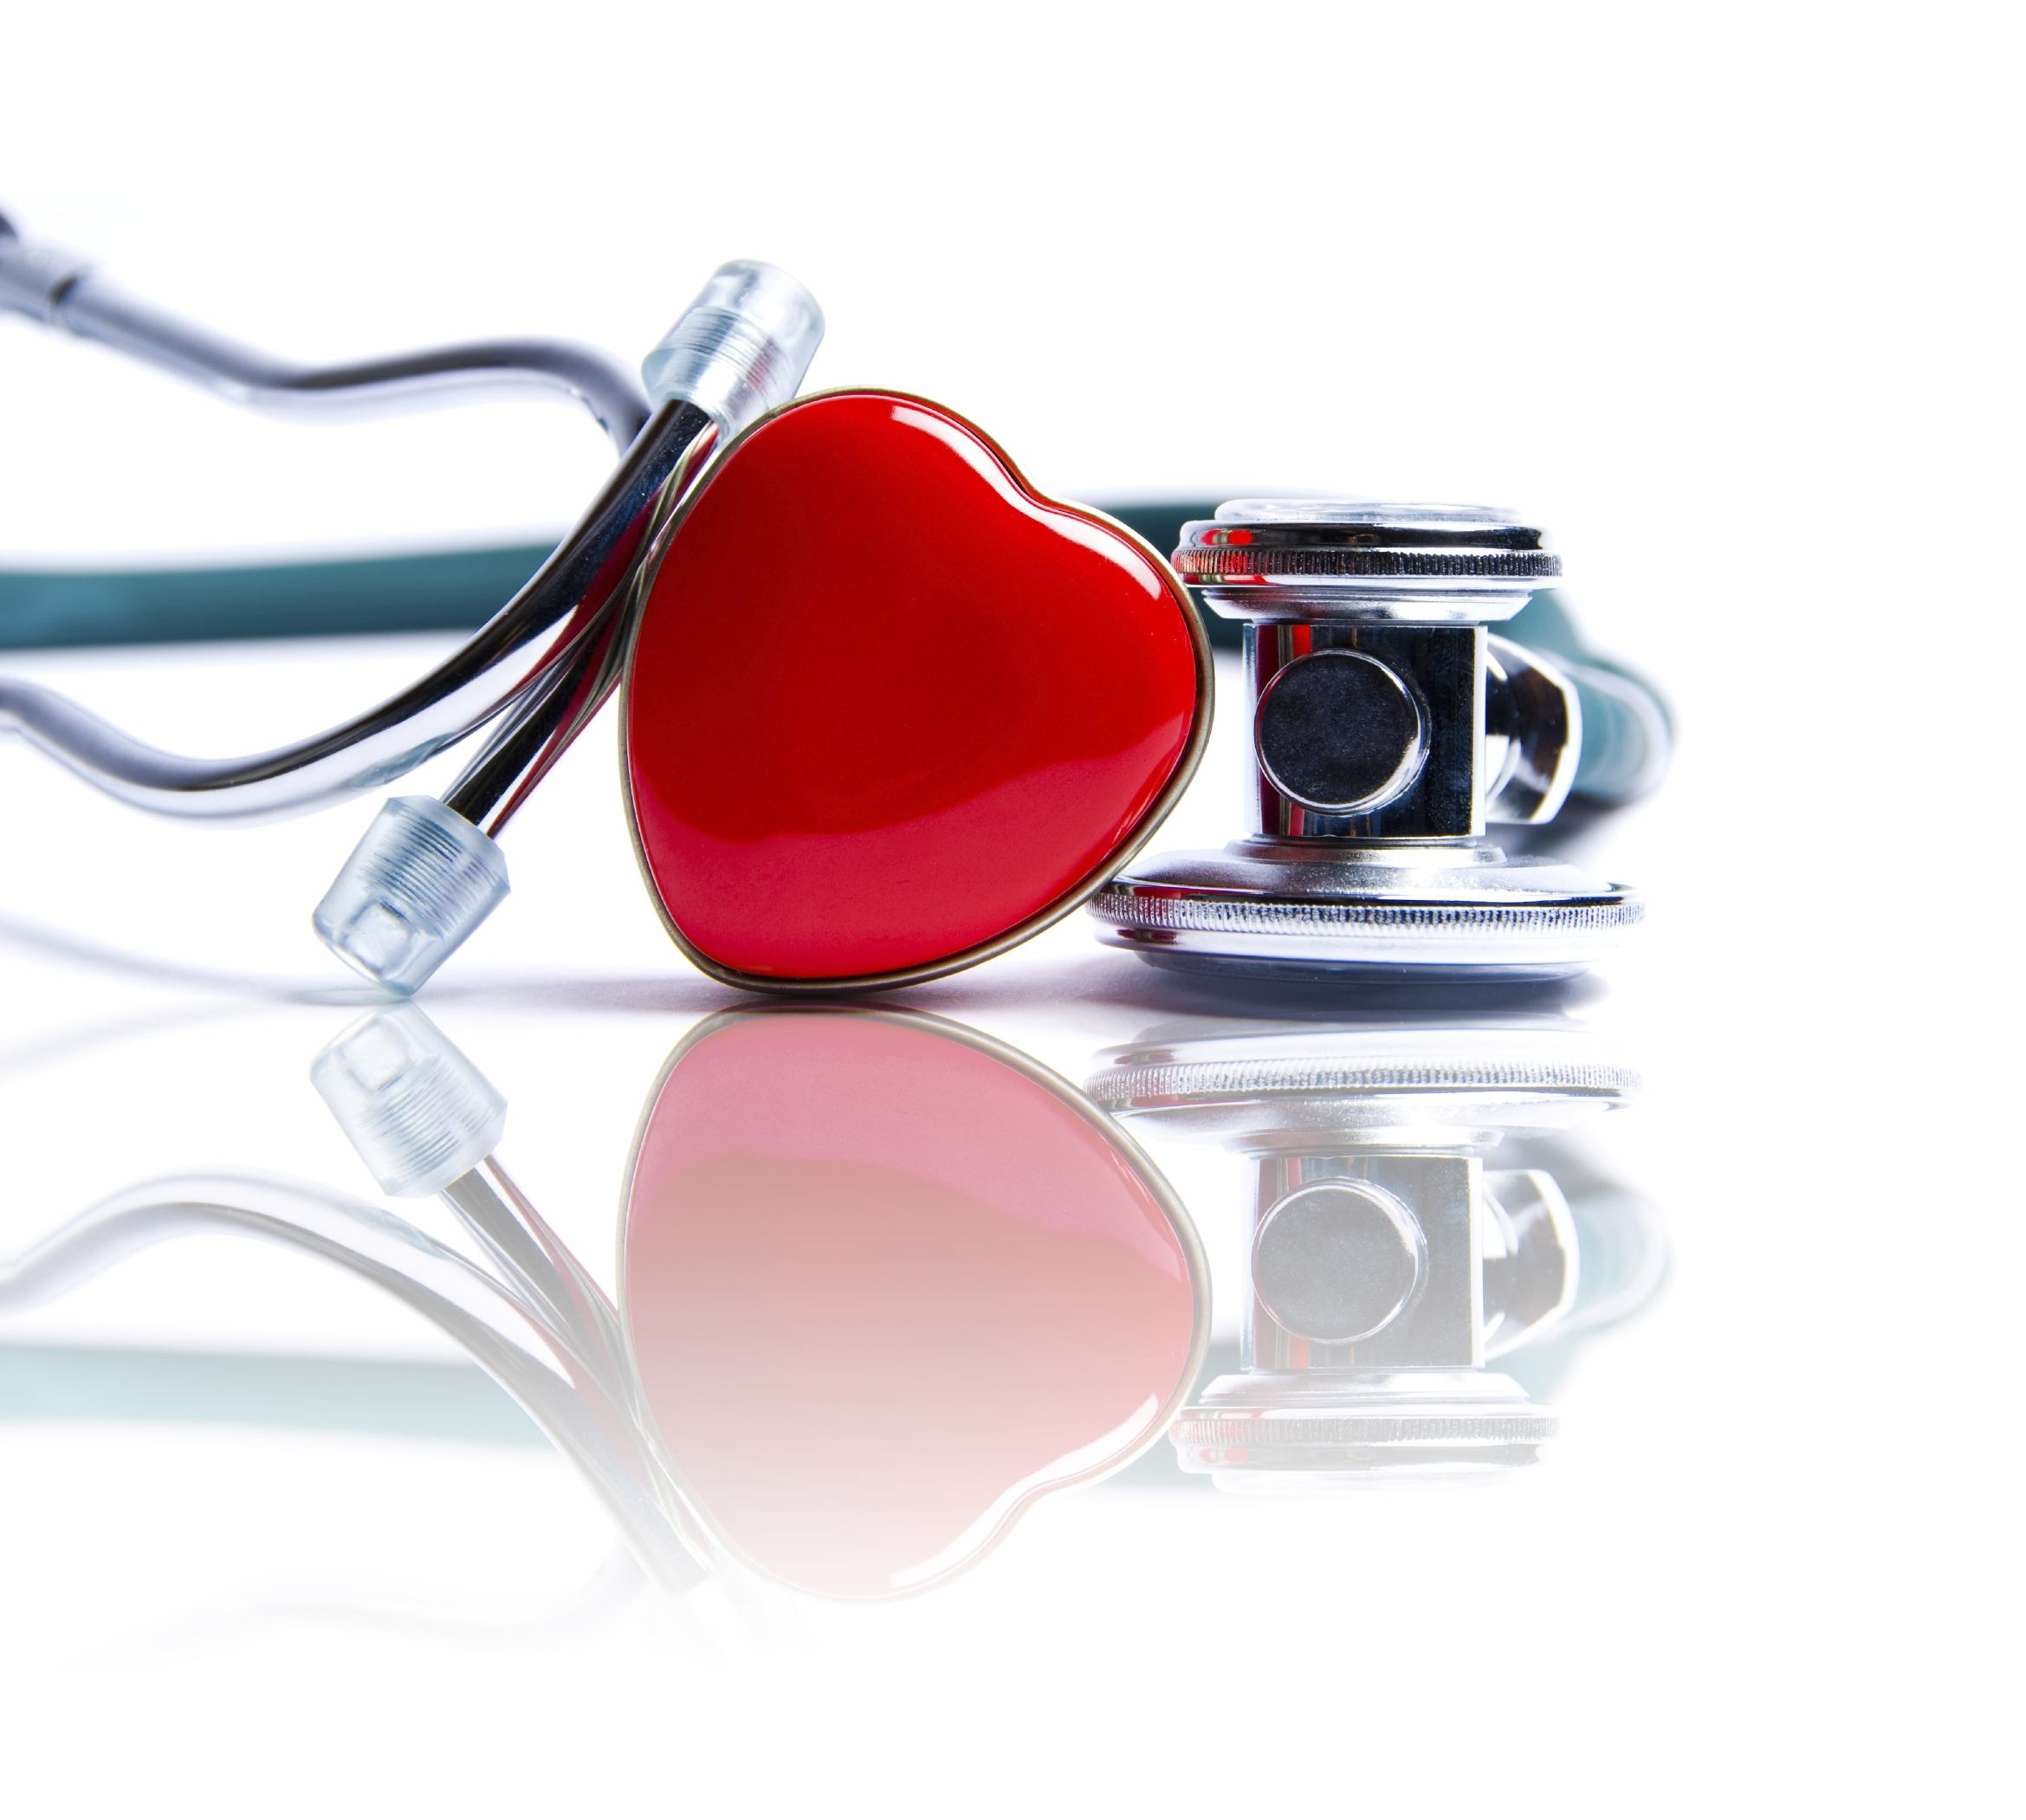 Stéthoscope sur une table avec un coeur rouge devant